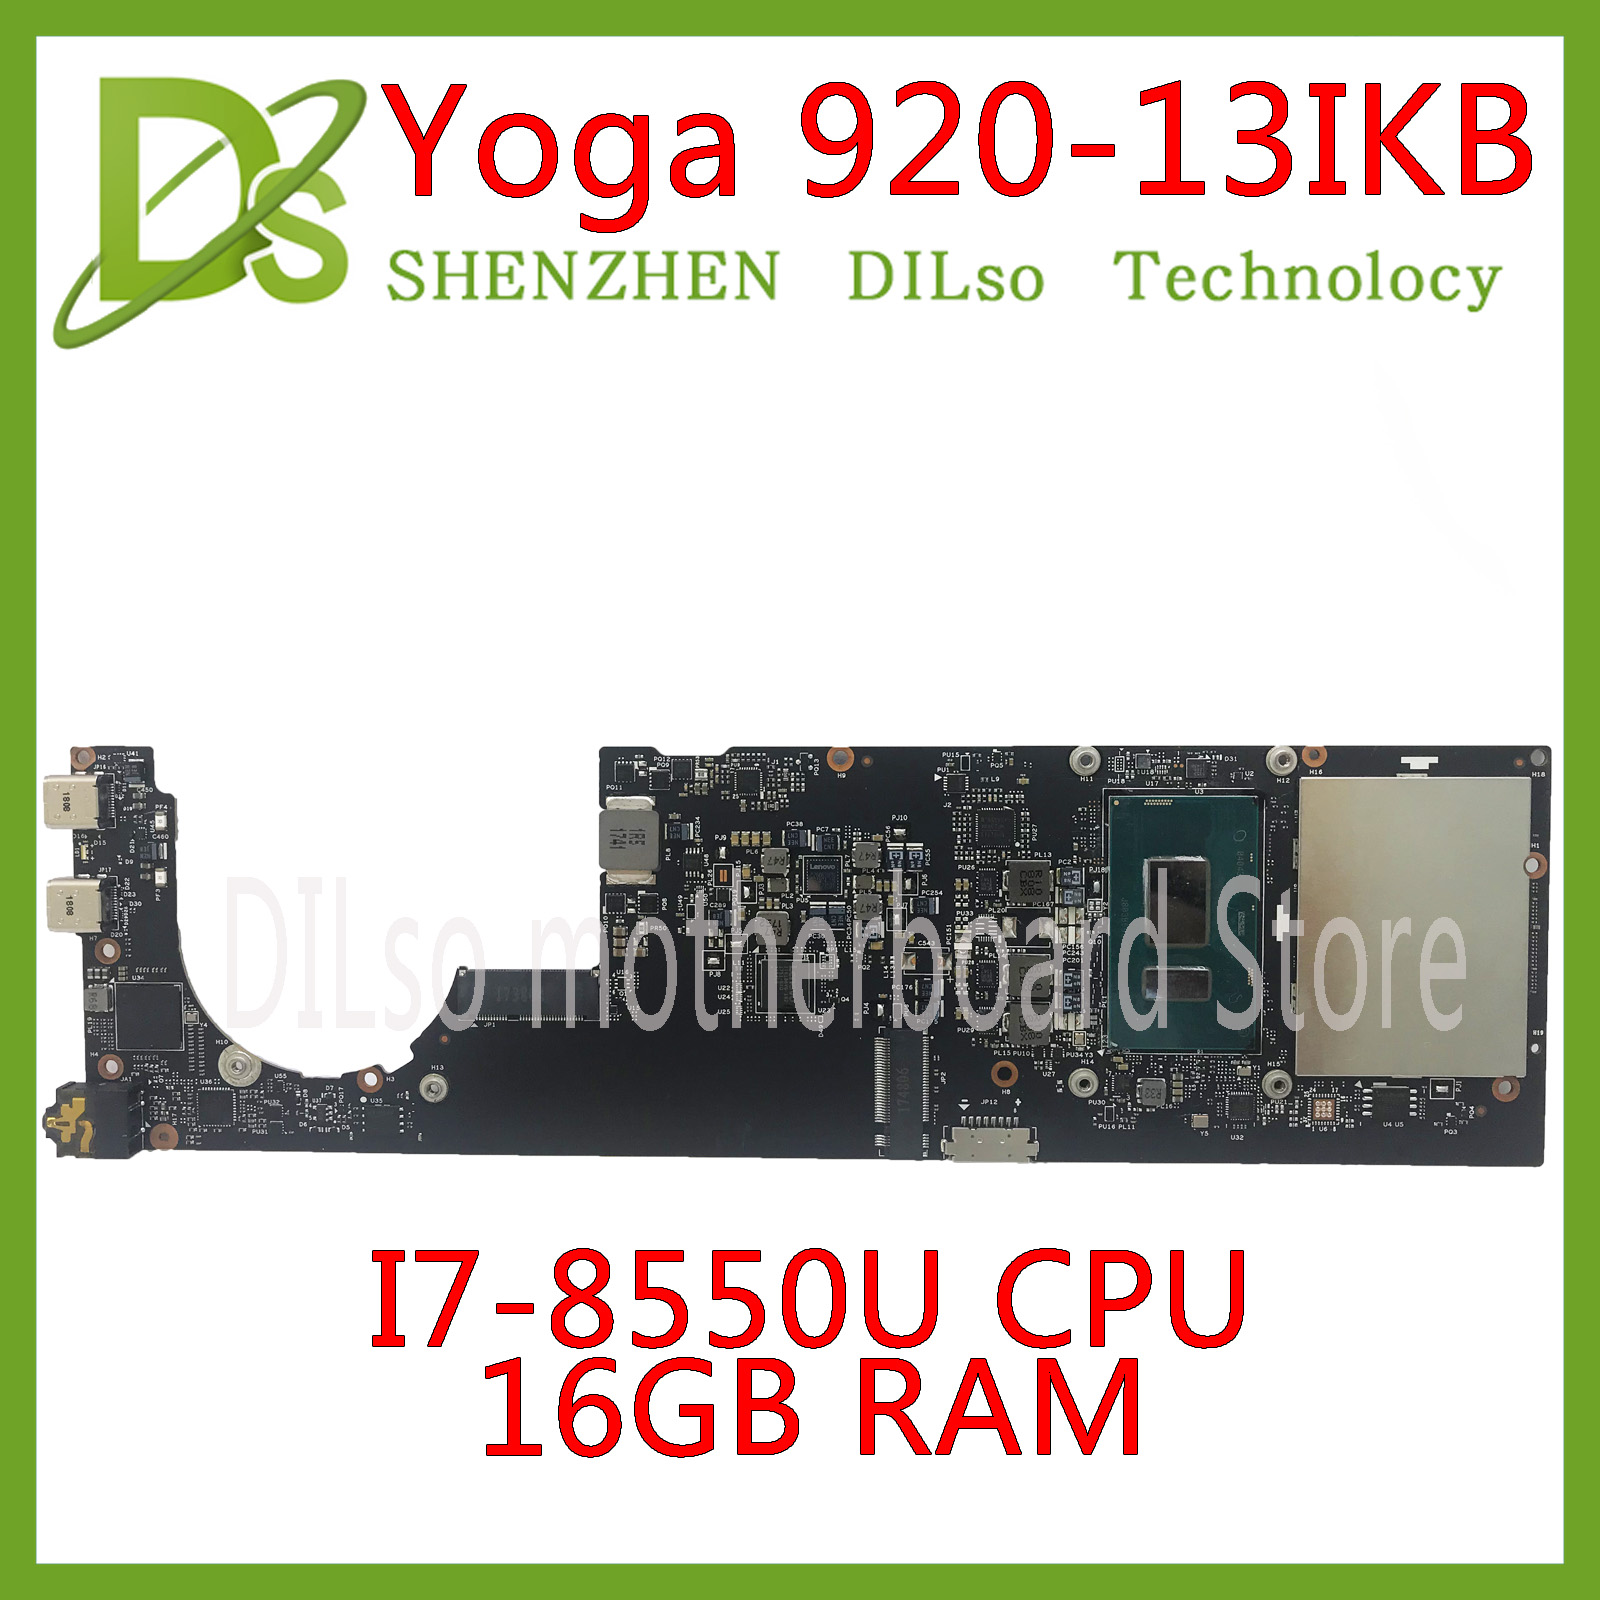 KEFU DYG60 NM-B291 For Lenovo Yoga920 Yoga 920-13IKB Laptop Motherboard 5B20Q09627 I7-8550U 16GB RAM 100% Tested Original Work